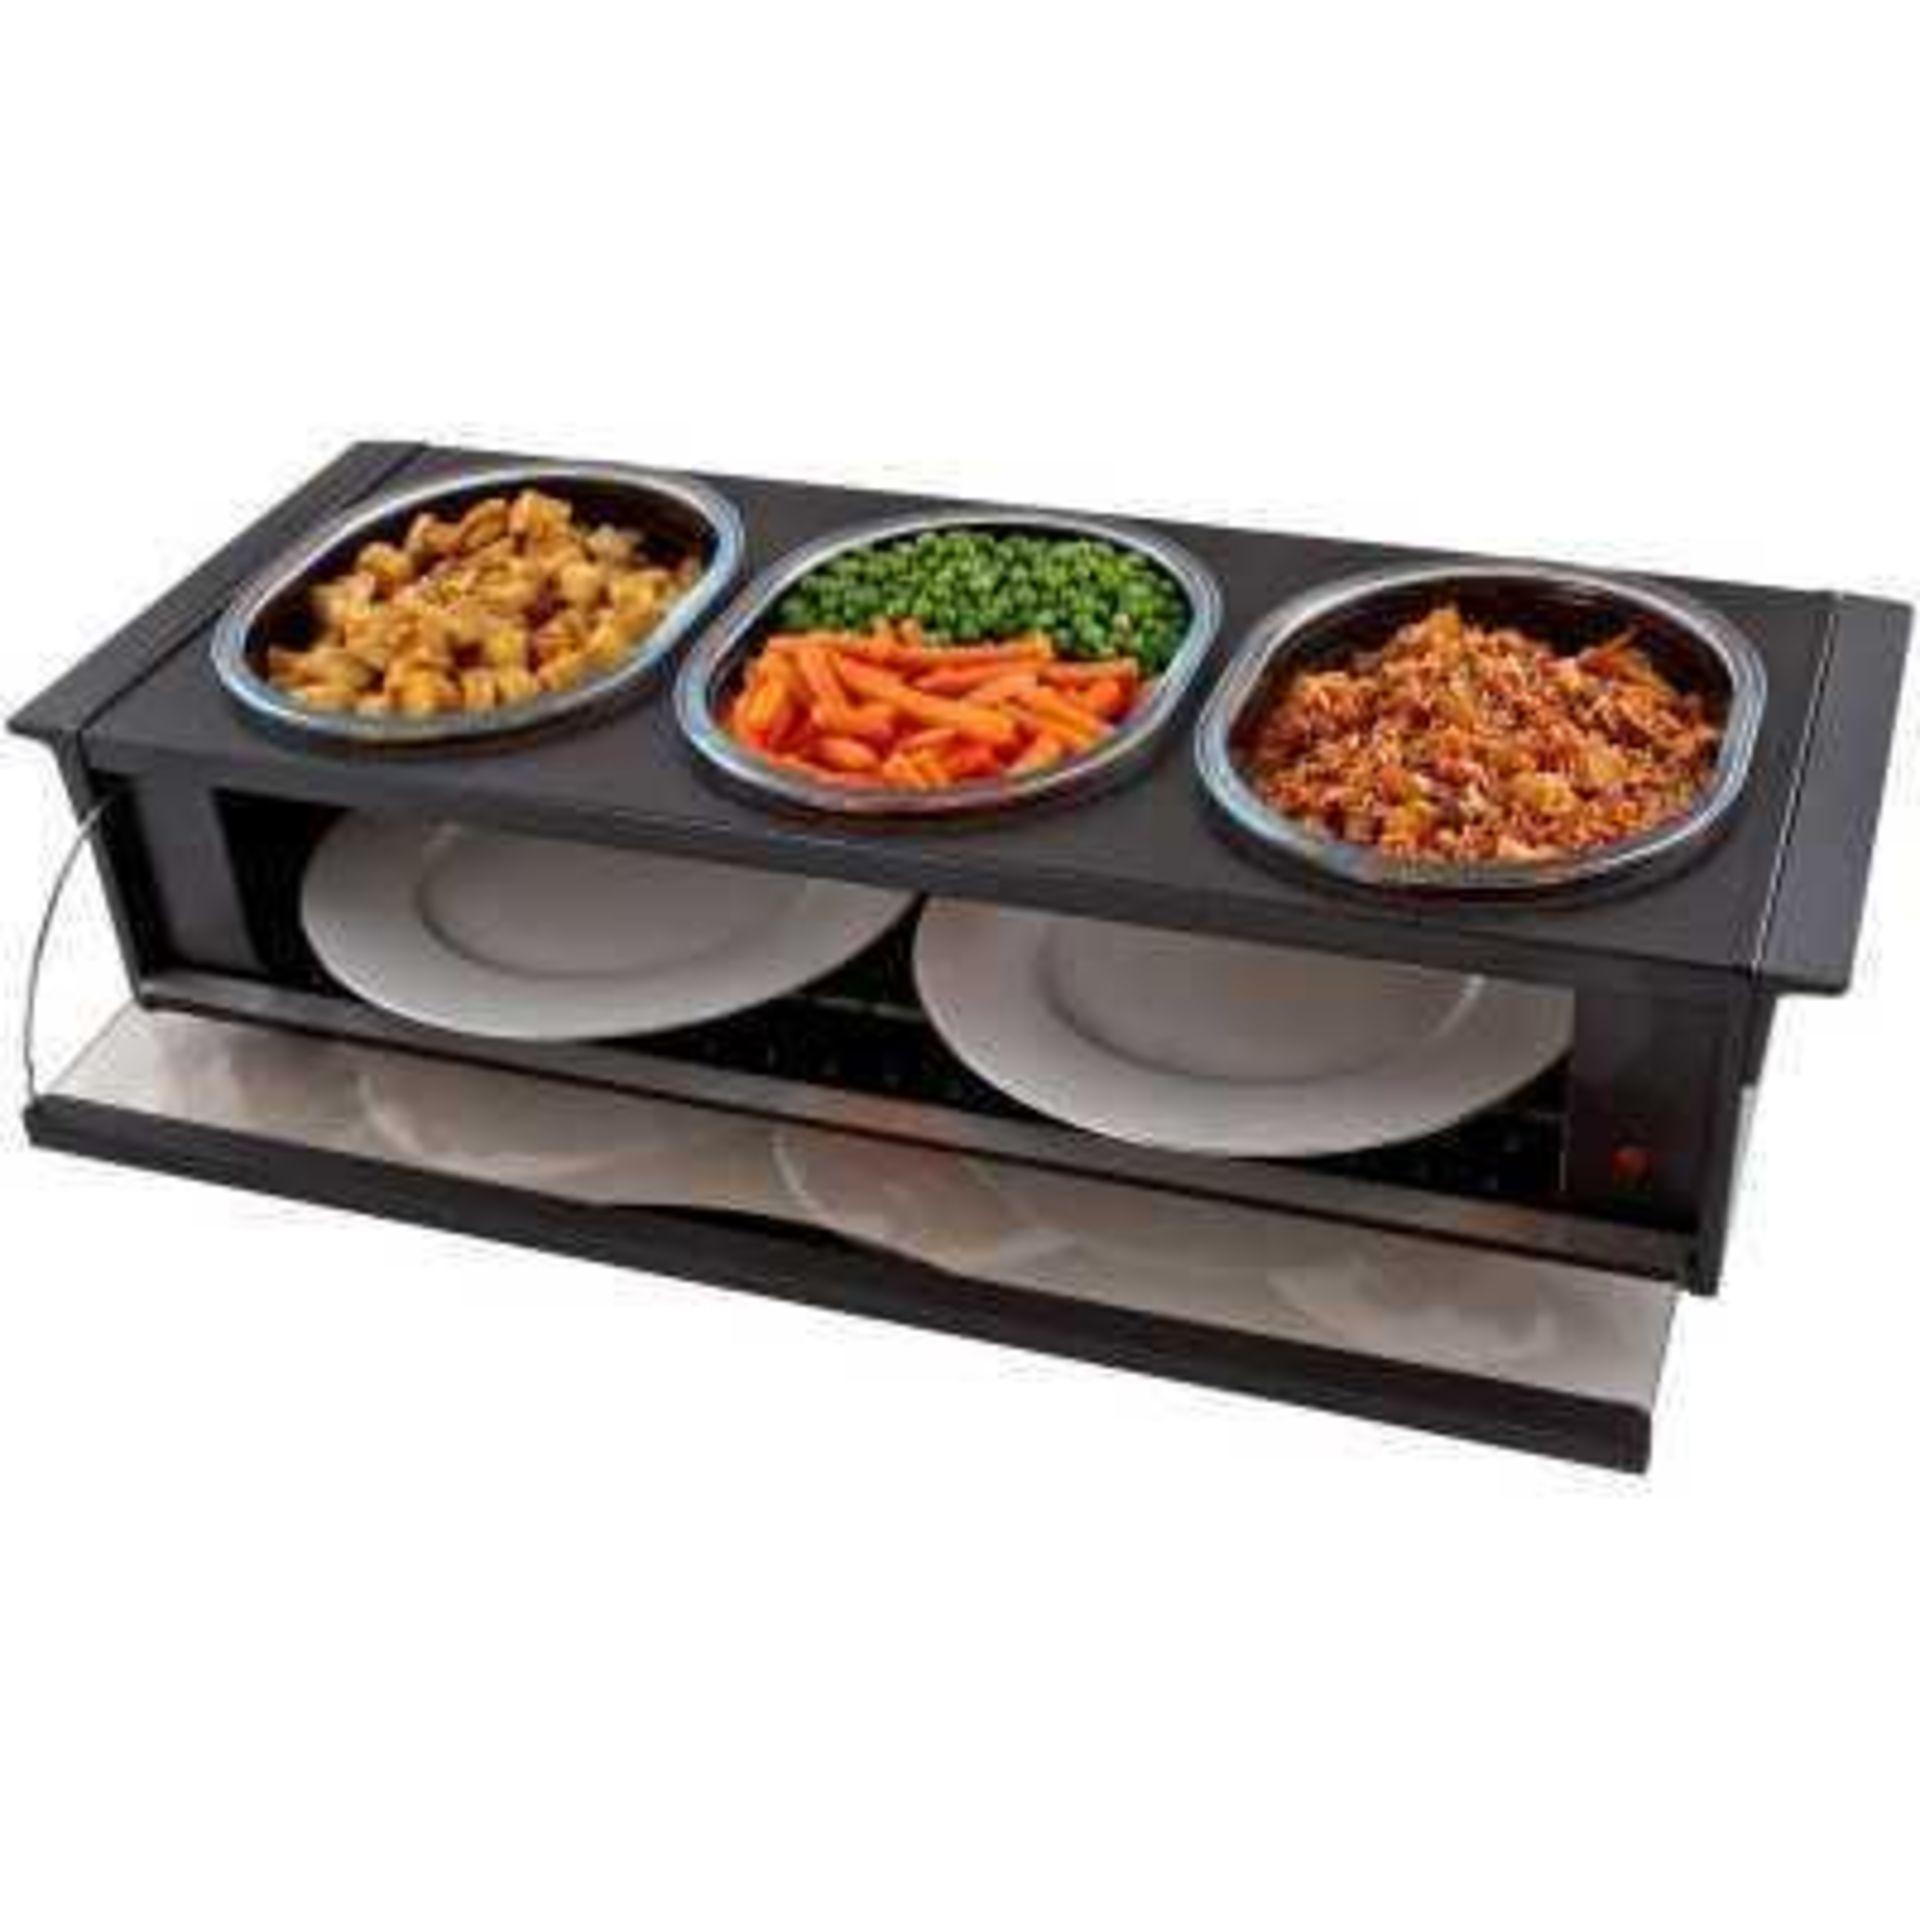 Lot 165 - RRP £120 Boxed Hostess Buffet Server Ho392